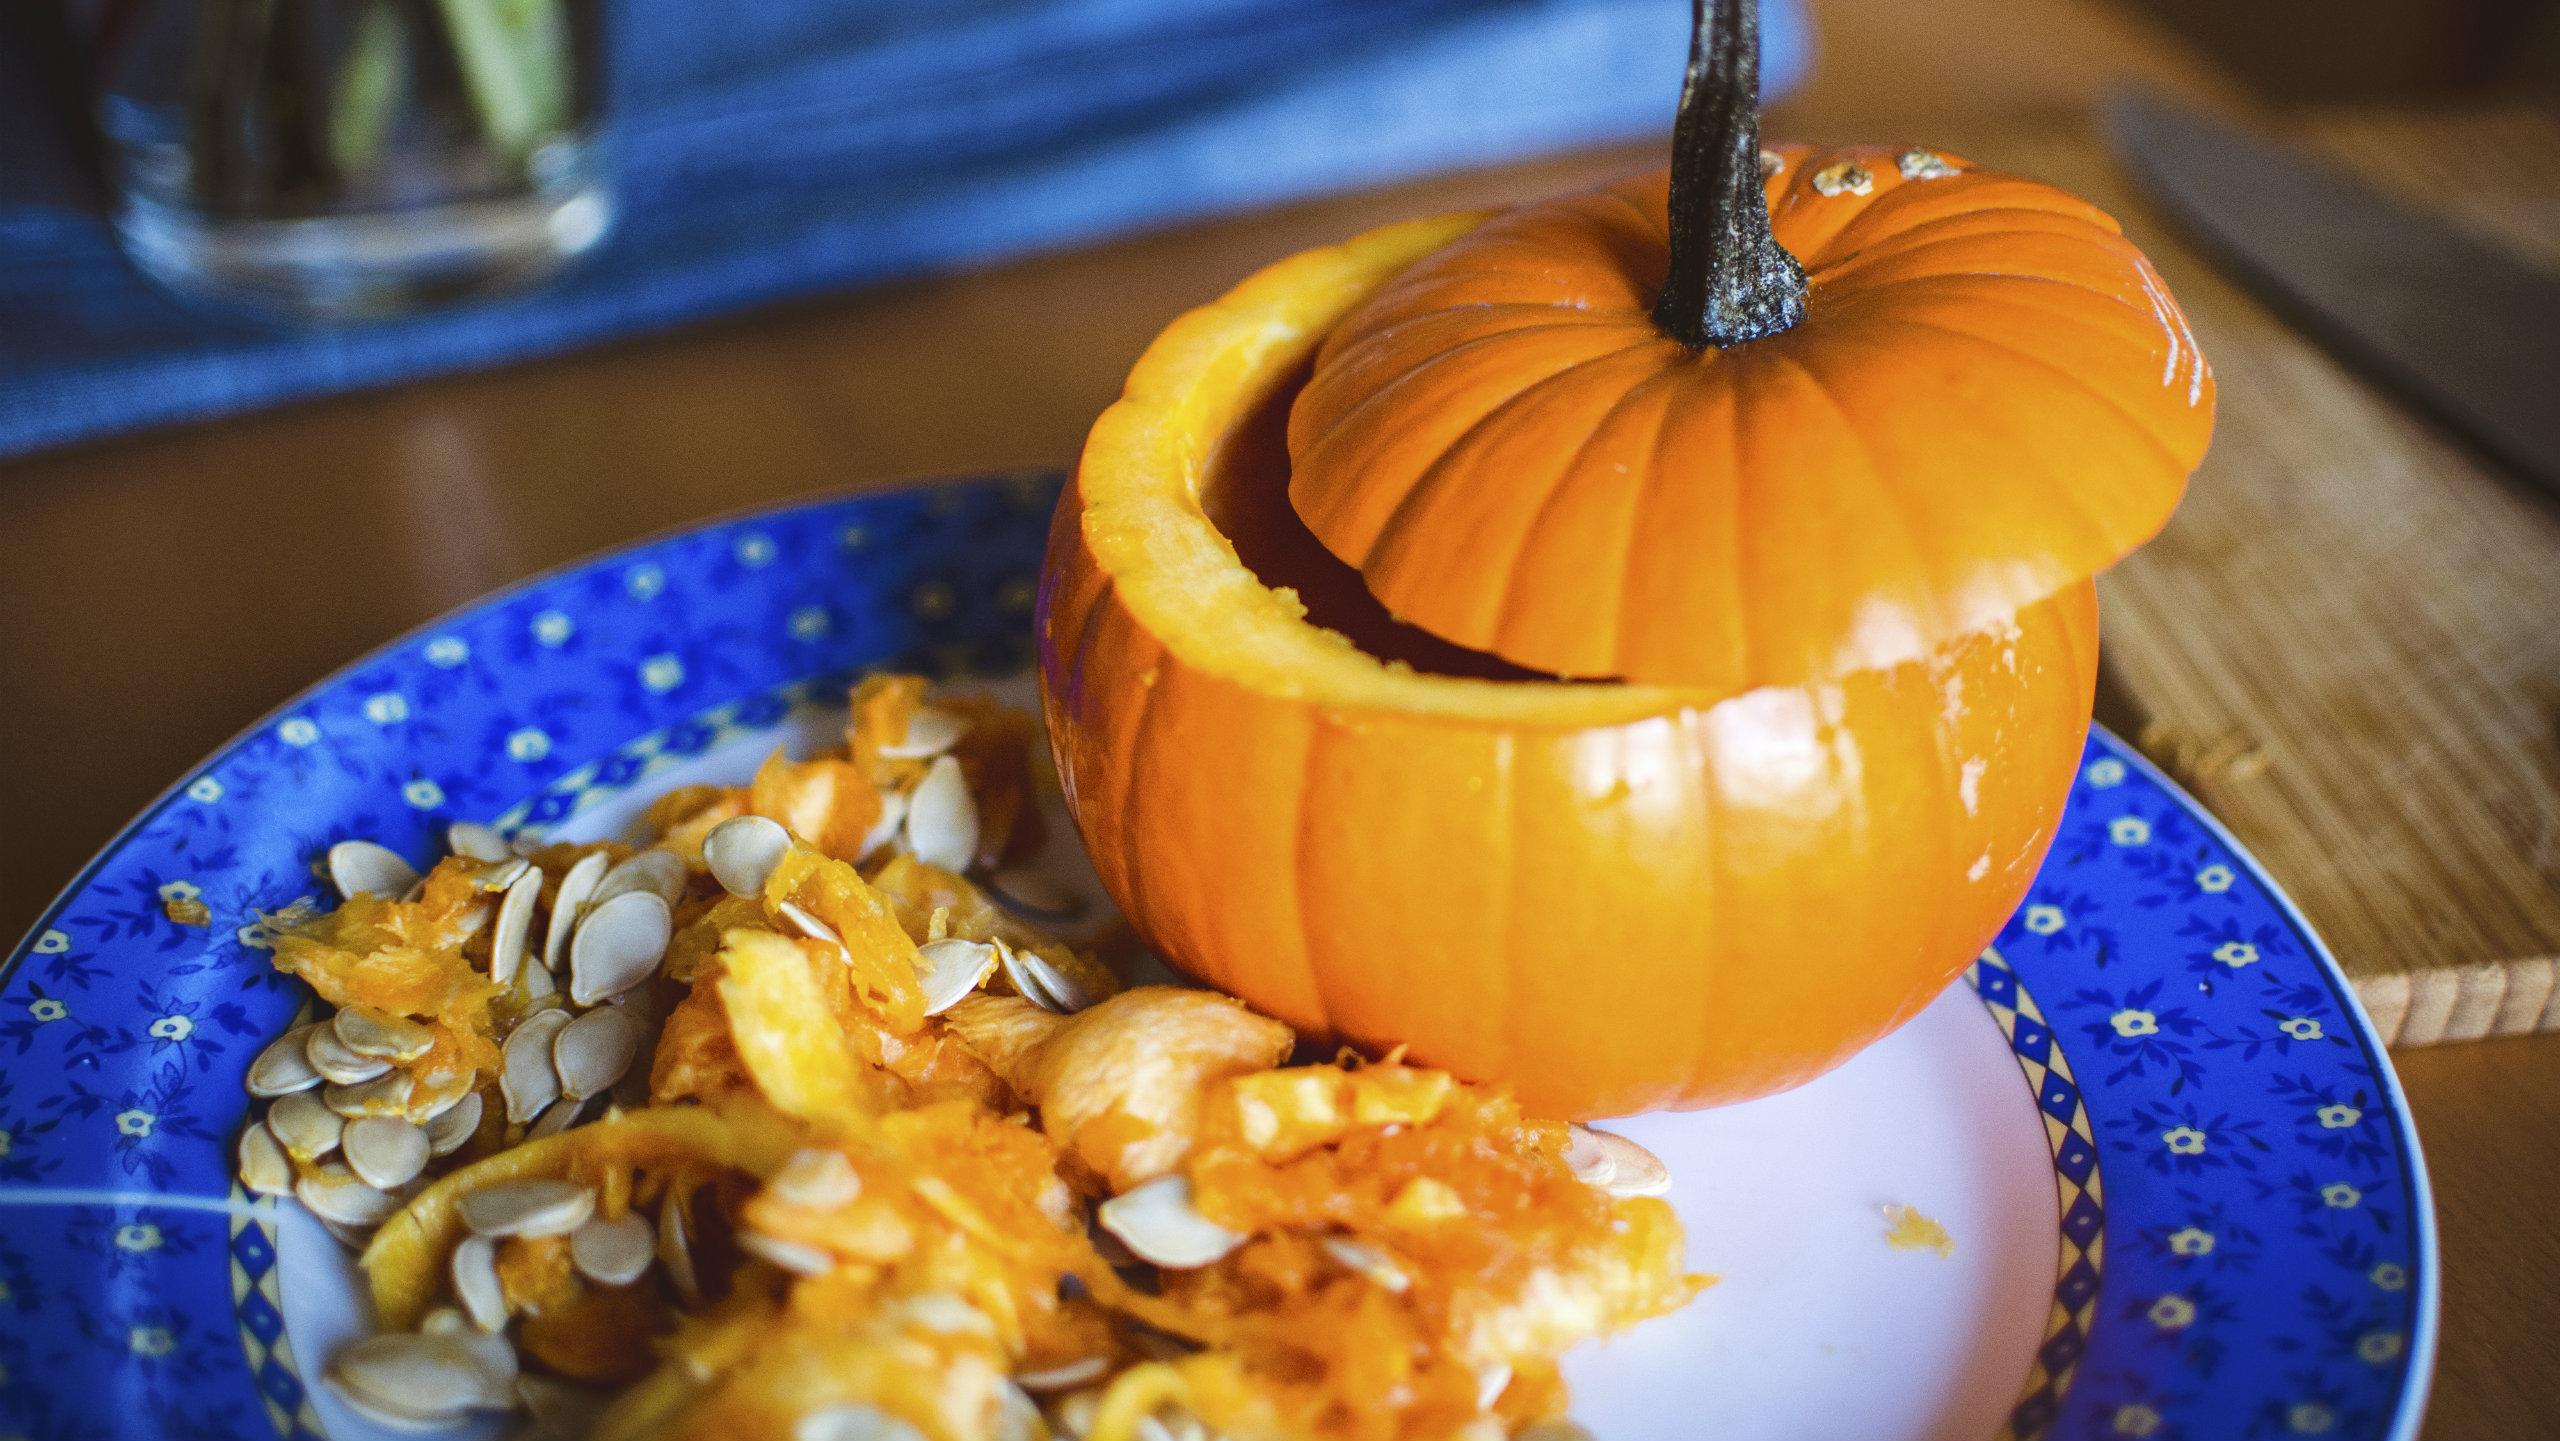 A cut pumpkin on a plate